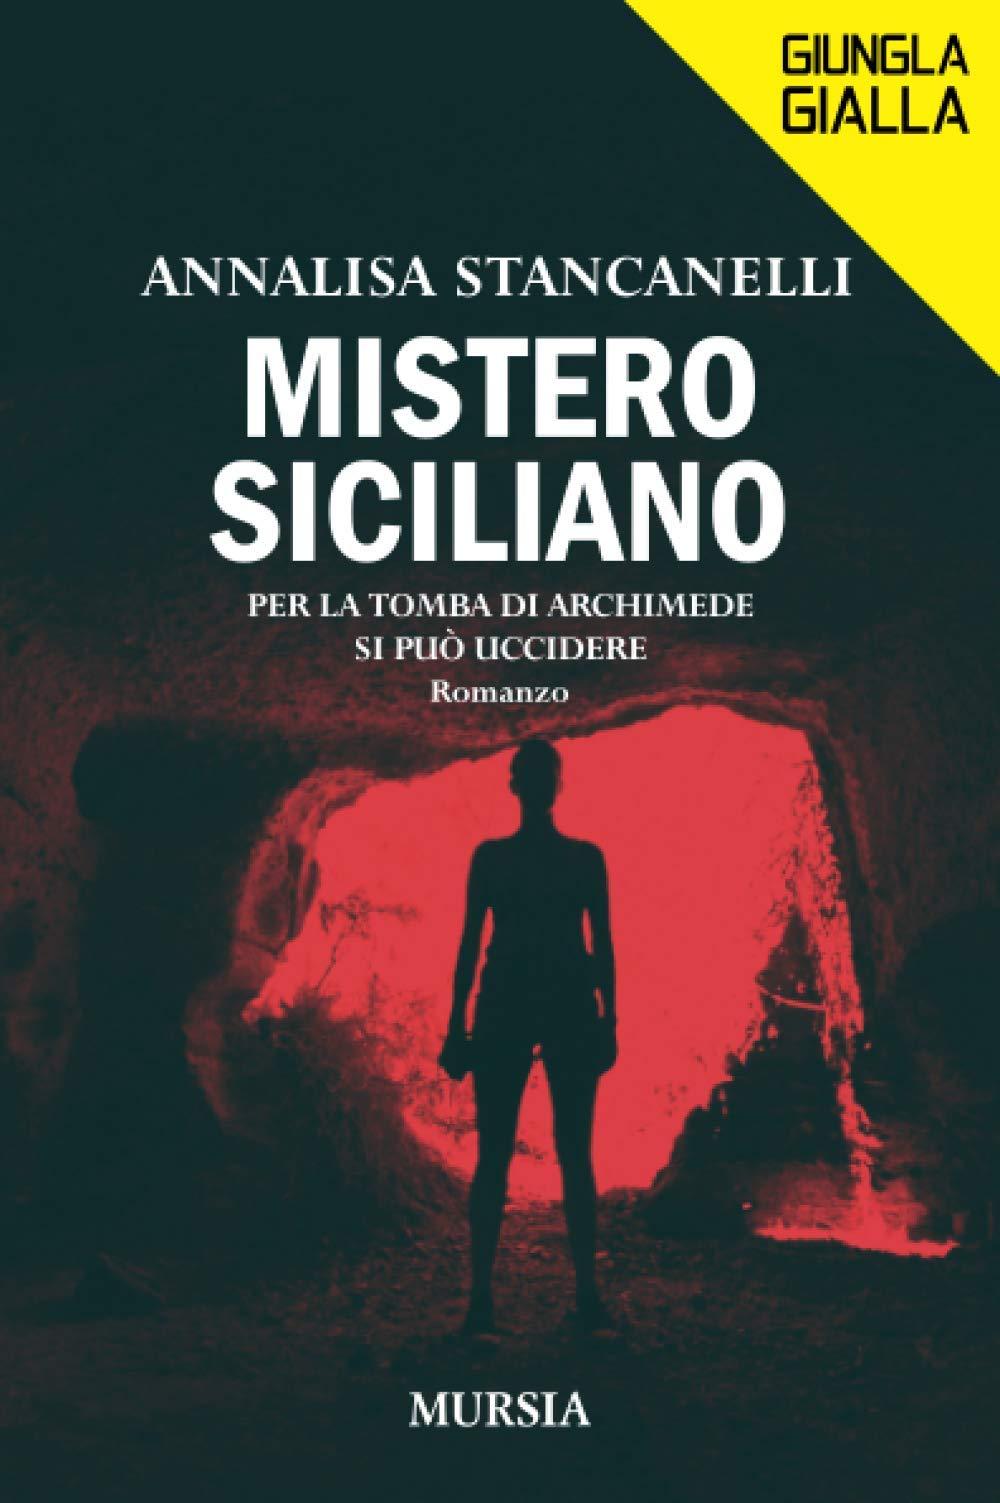 """Risultato immagini per Annalisa Stancanelli """"Mistero siciliano. Per la tomba di Archimede si può uccidere"""""""